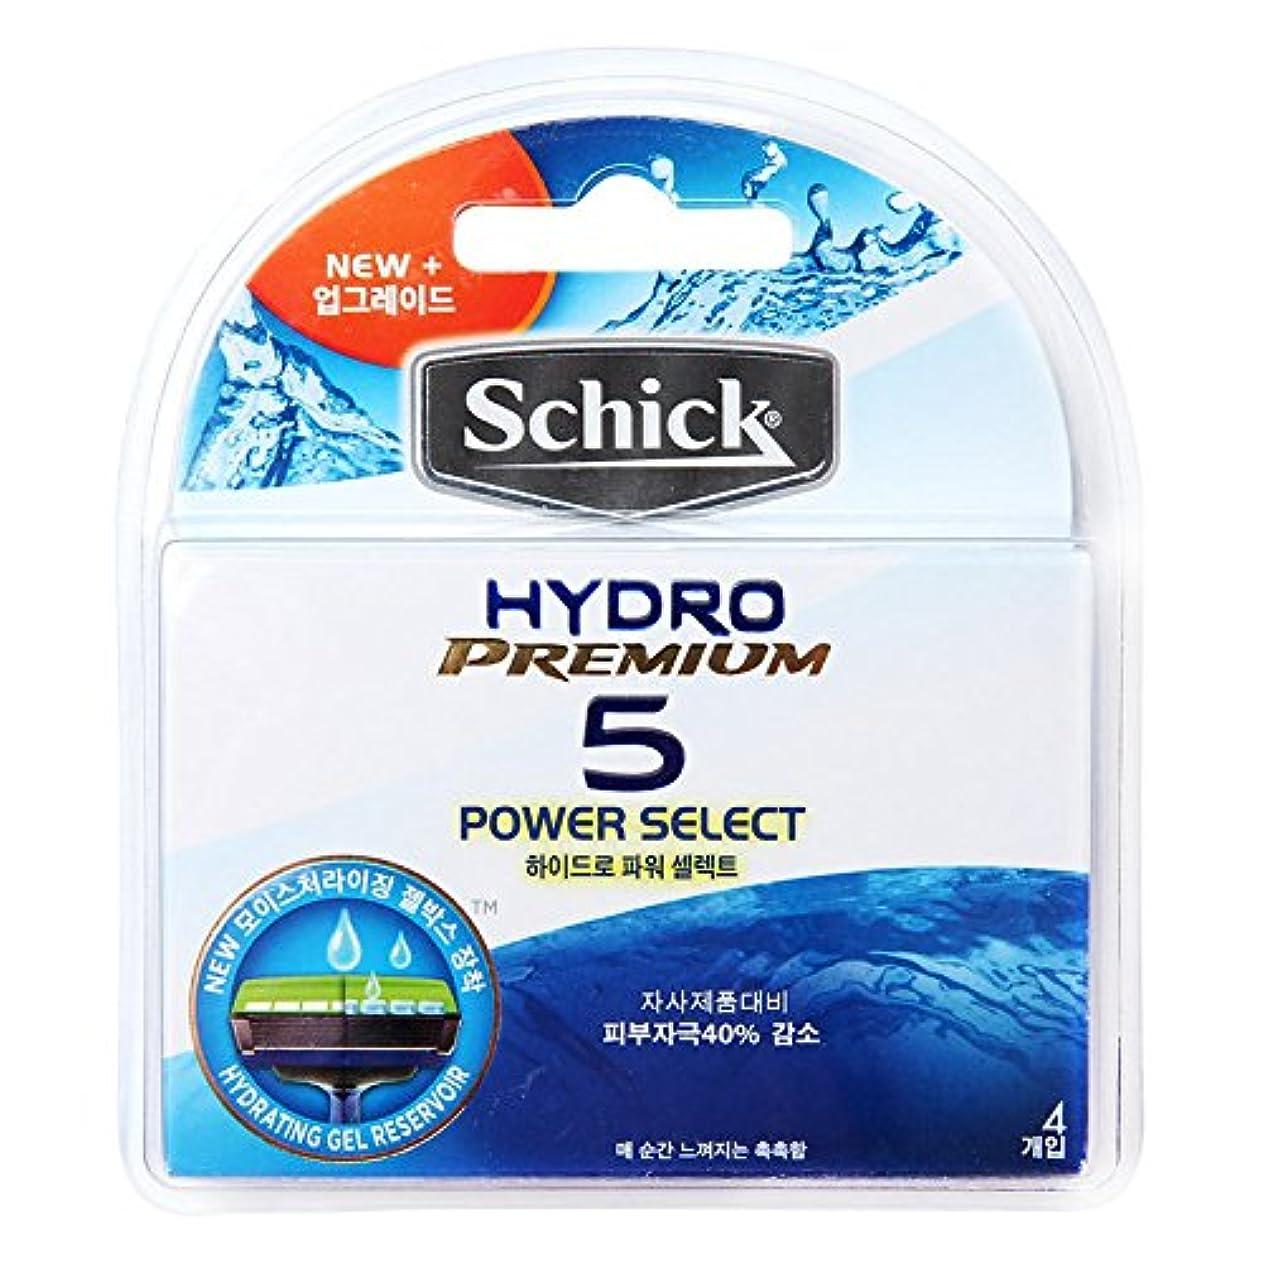 並外れてマスタード修正するSchick HYDRO5 Premiump Power Select 4PCS かみそりの刃 [並行輸入品]